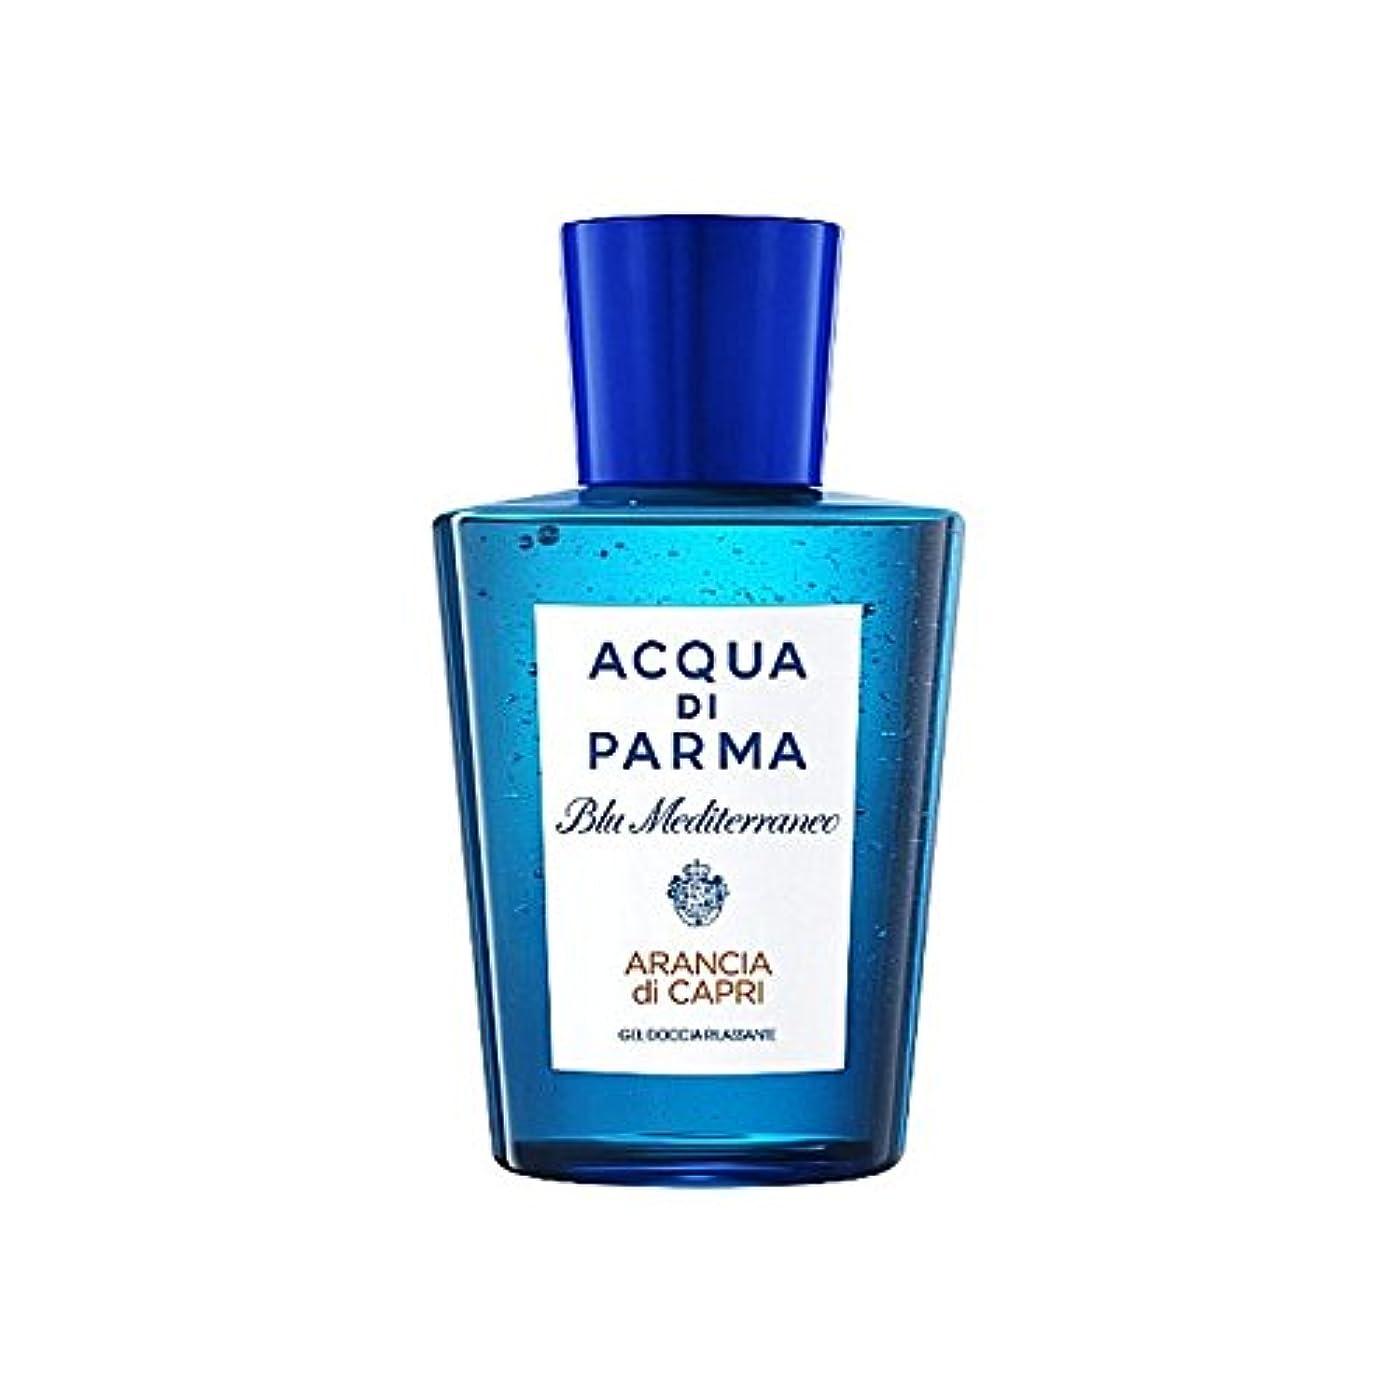 へこみポゴスティックジャンプ床Acqua Di Parma Blu Mediterraneo Arancia Di Capri Shower Gel 200ml - アクアディパルマブルーメディのアランシアジカプリシャワージェル200 [並行輸入品]